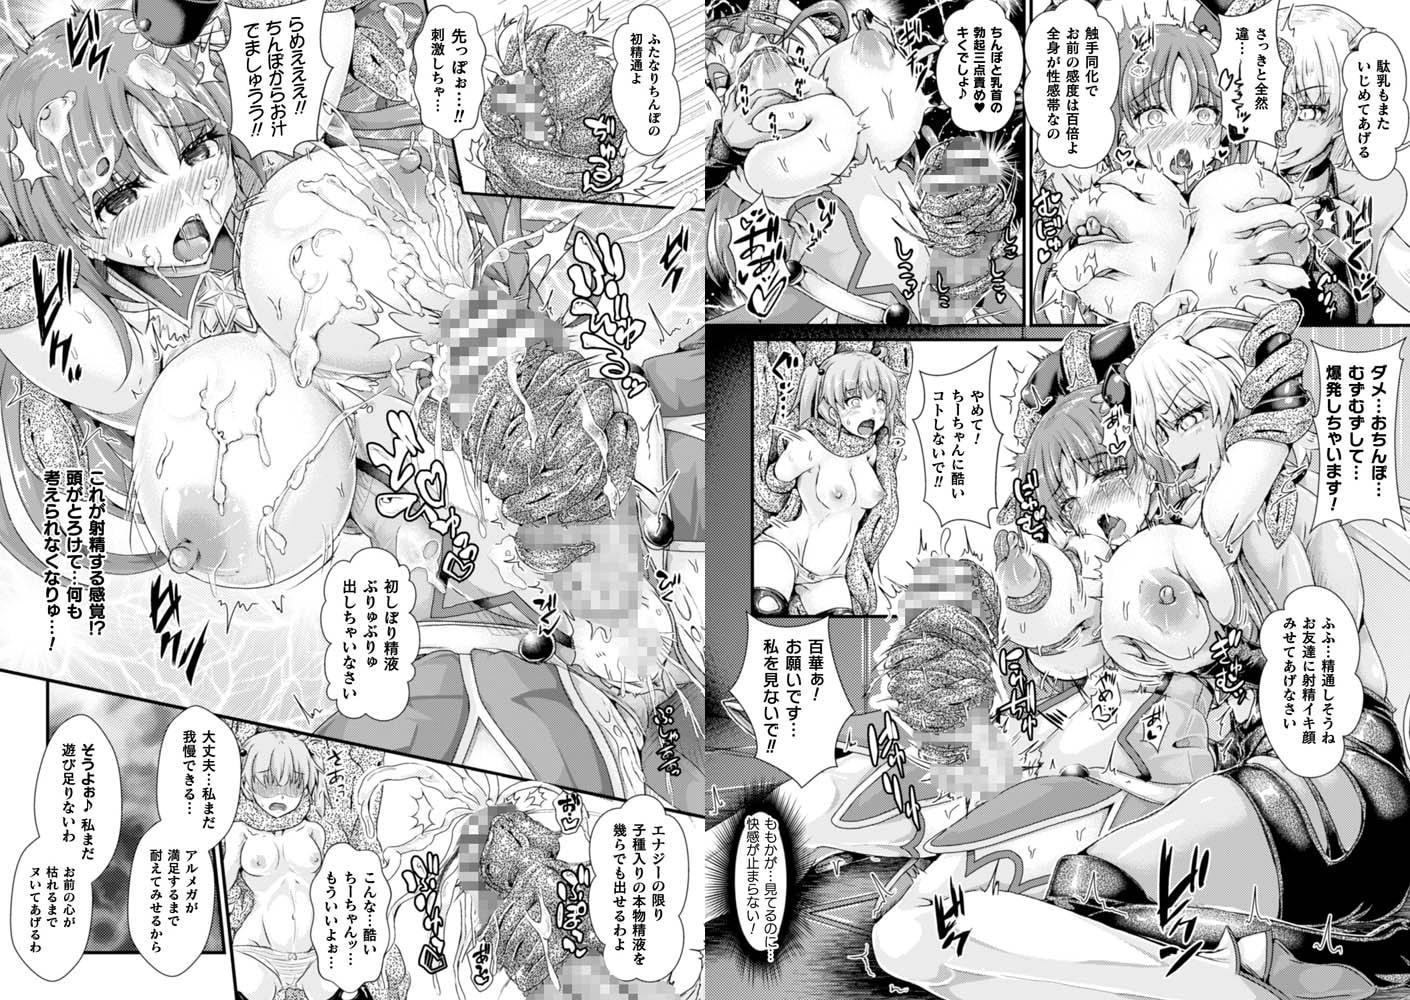 二次元コミックマガジン ふたなり触手搾精 射精快楽に溺れるヒロインたちVol.1